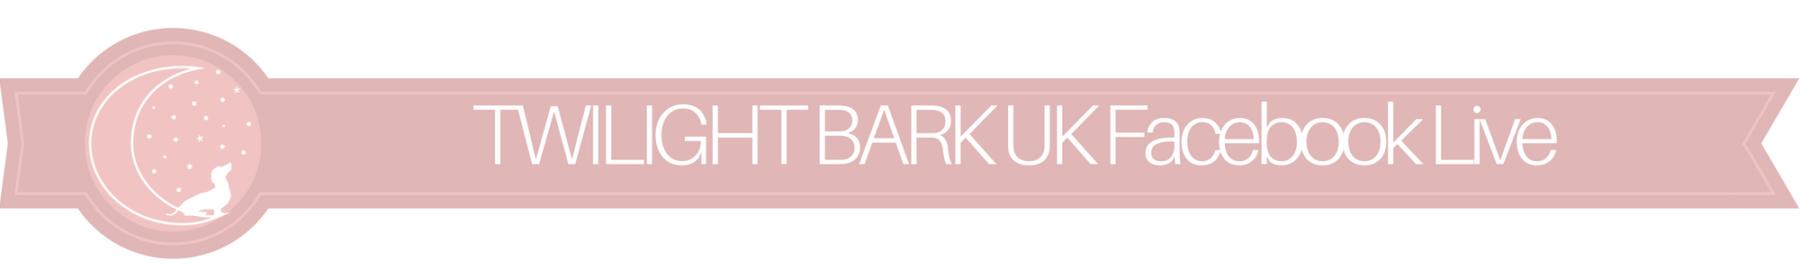 twilightbarkukfacebooklive